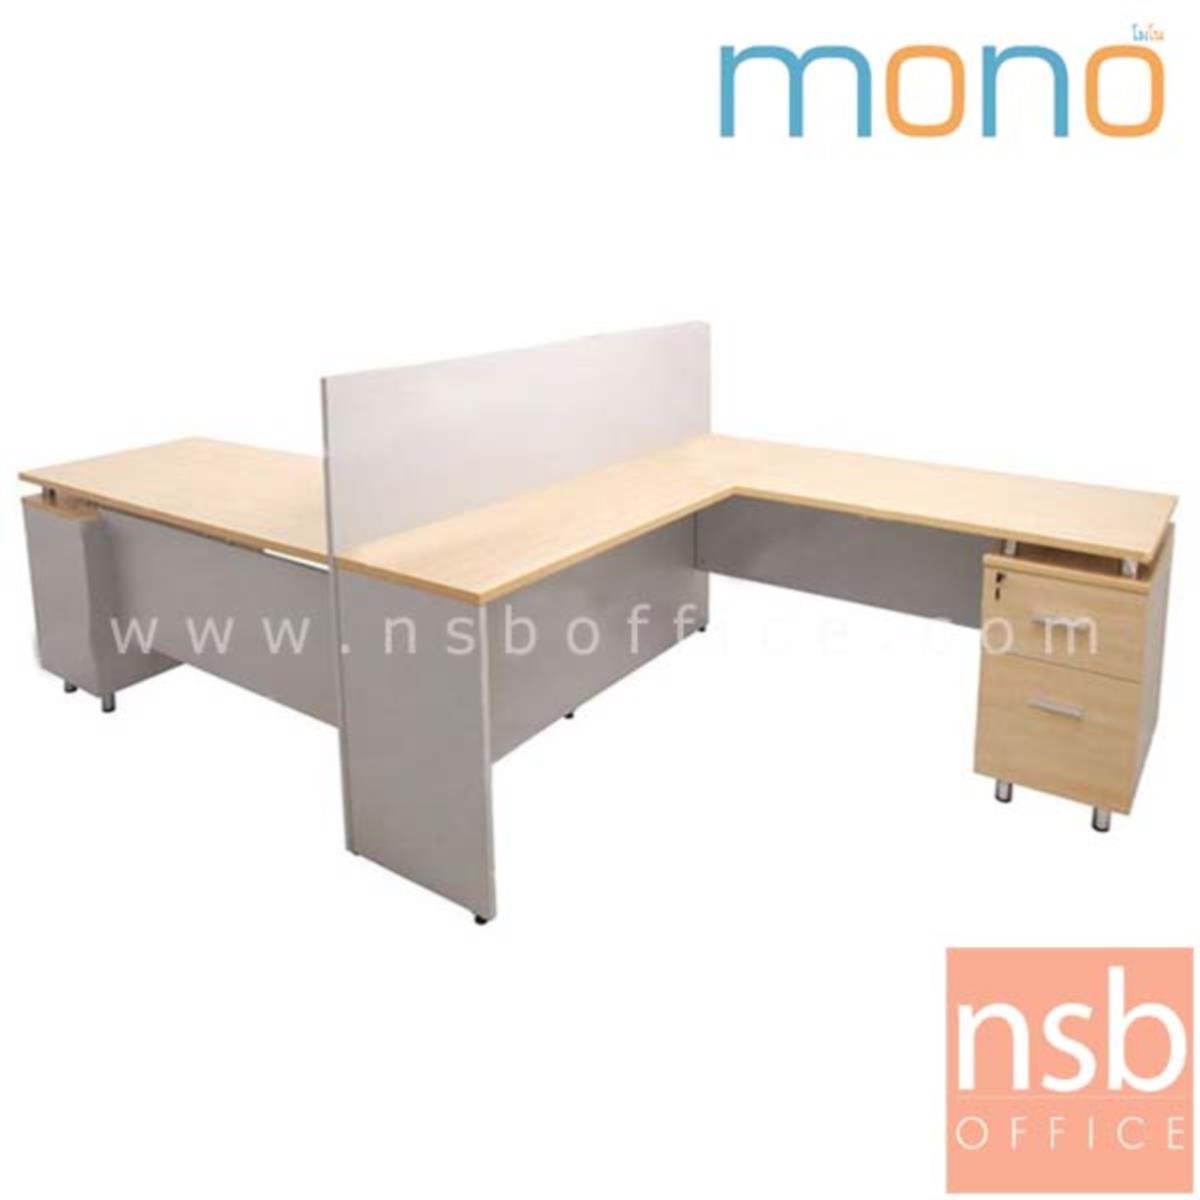 A27A034:ชุดโต๊ะทำงานตัวแอล 2 ที่นั่ง ด้านข้างชนกัน  รุ่น MN-WYT2823 ขนาด 282W ,322W cm. พร้อมไม้กั้นระหว่างโต๊ะ